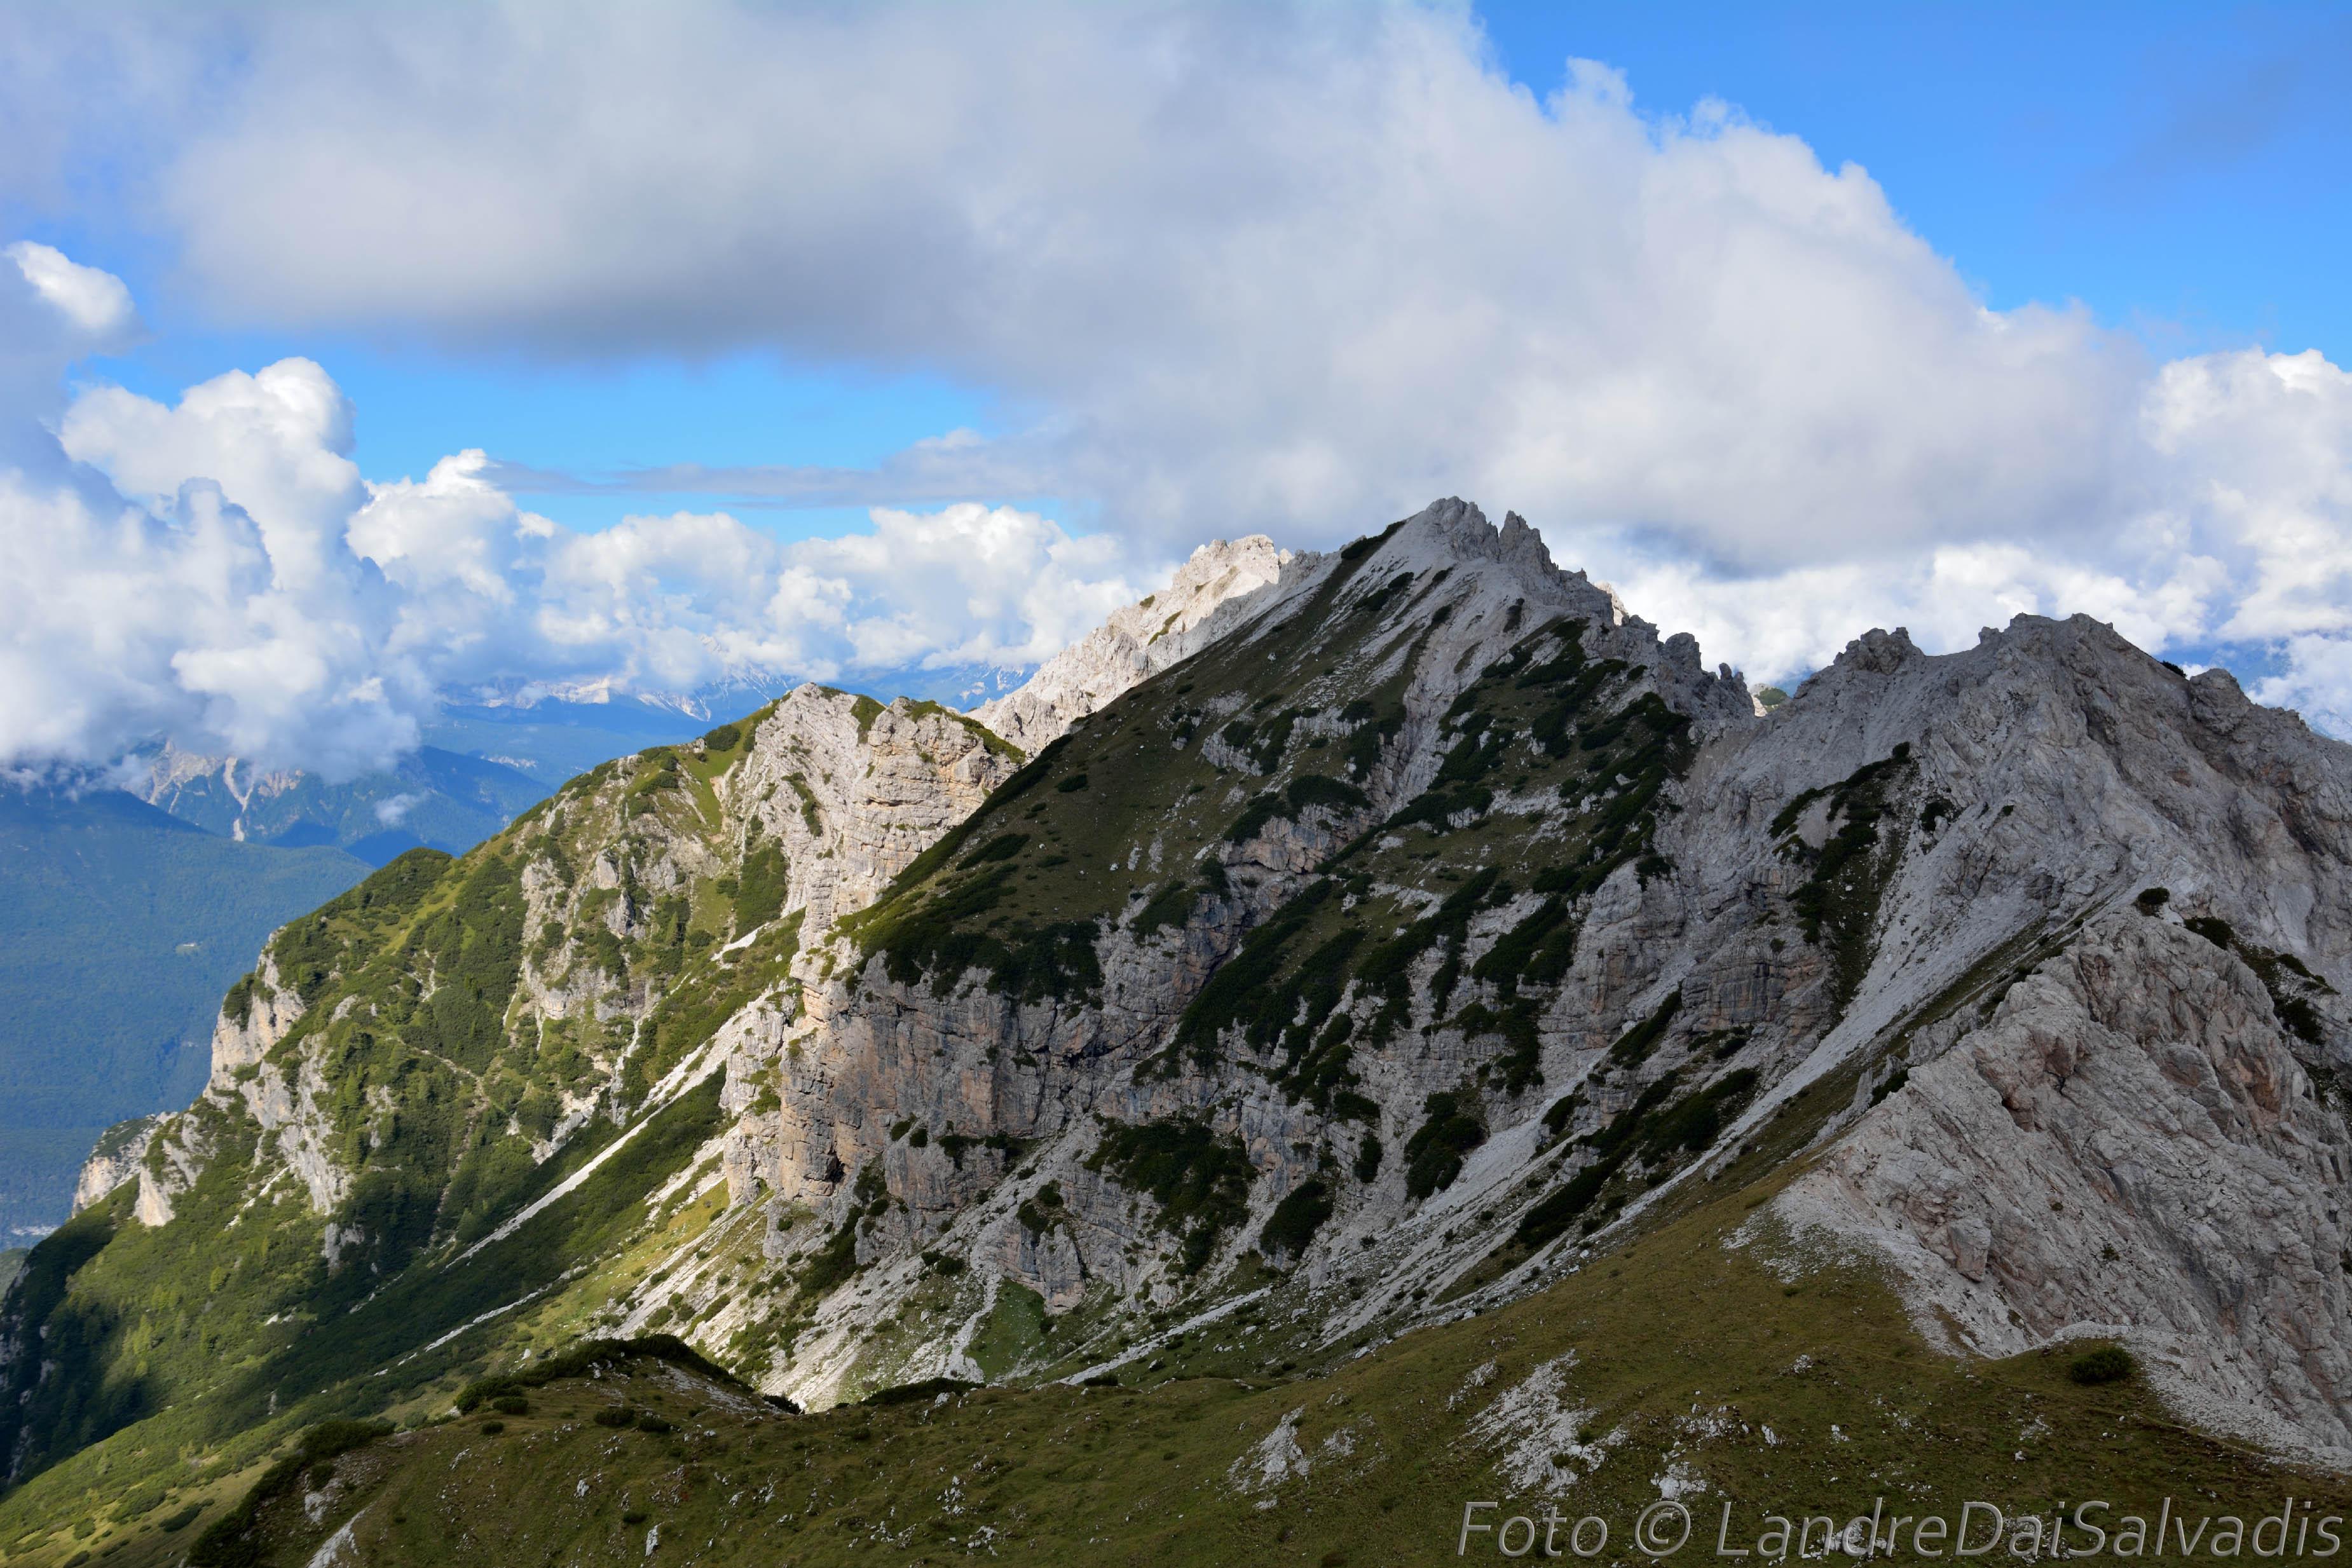 Monte Pera e Pale de l'Aio.